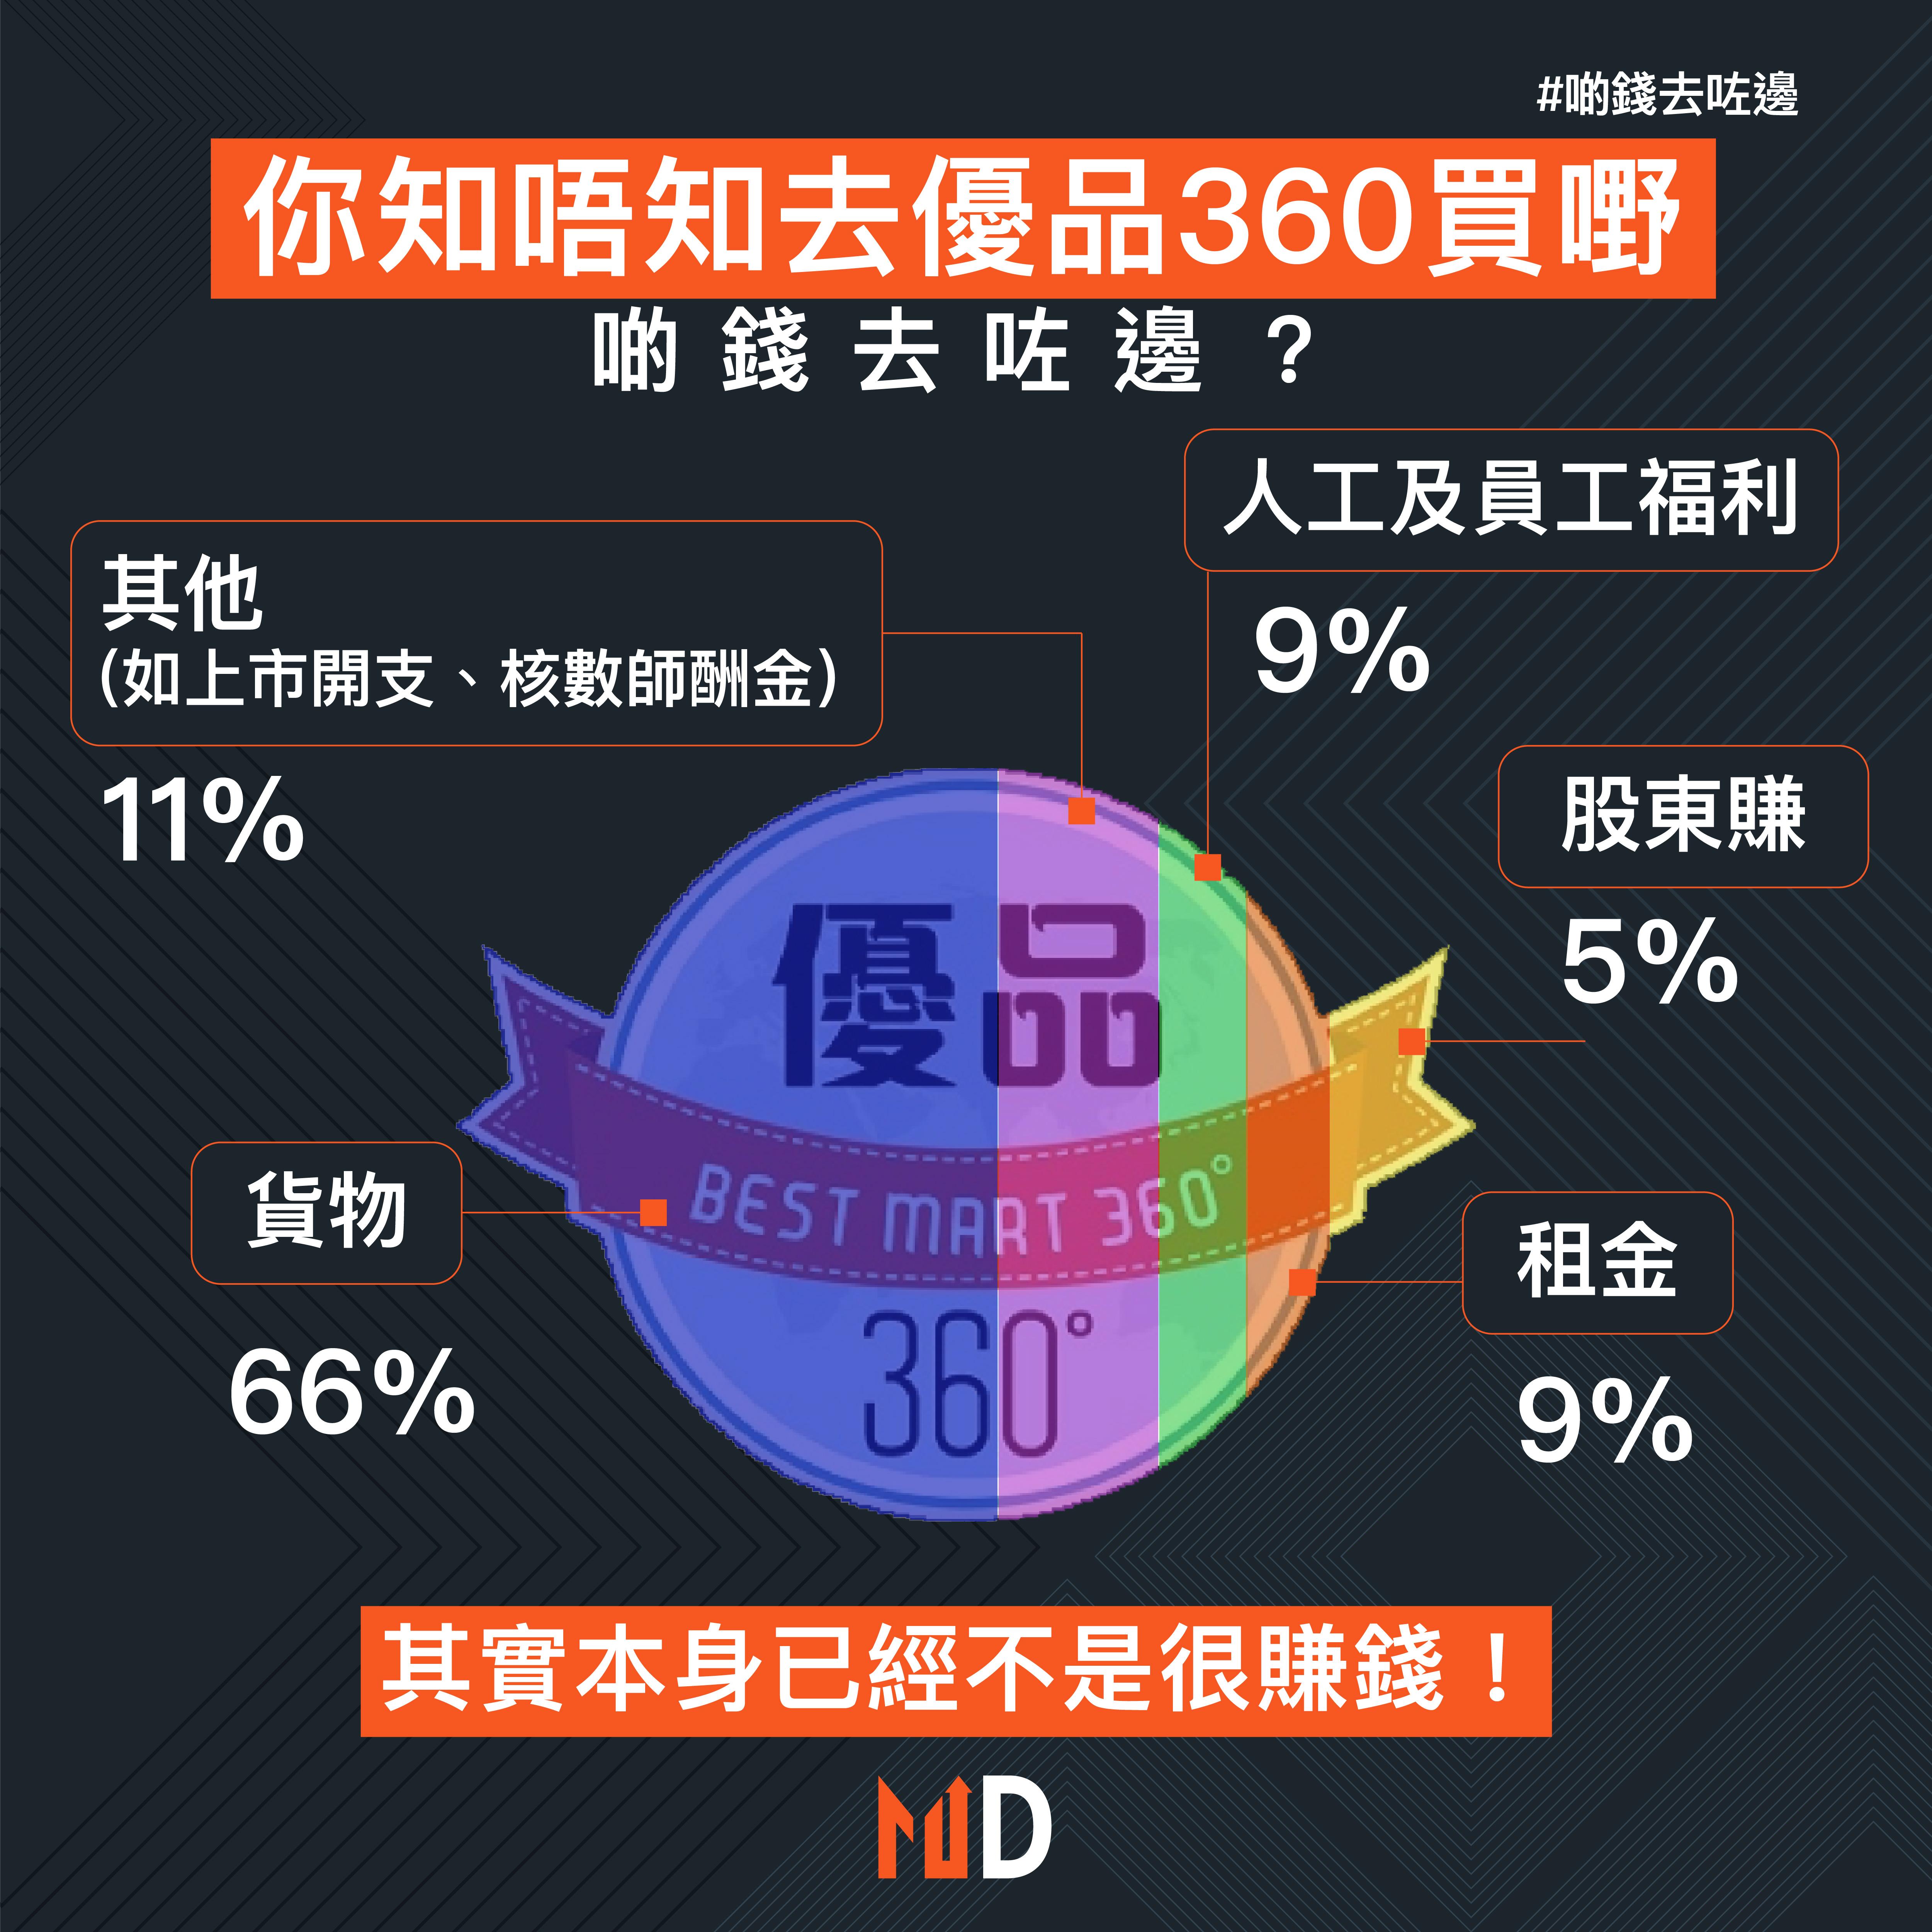 【啲錢去咗邊】你知唔知去優品360買嘢,啲錢去咗邊?